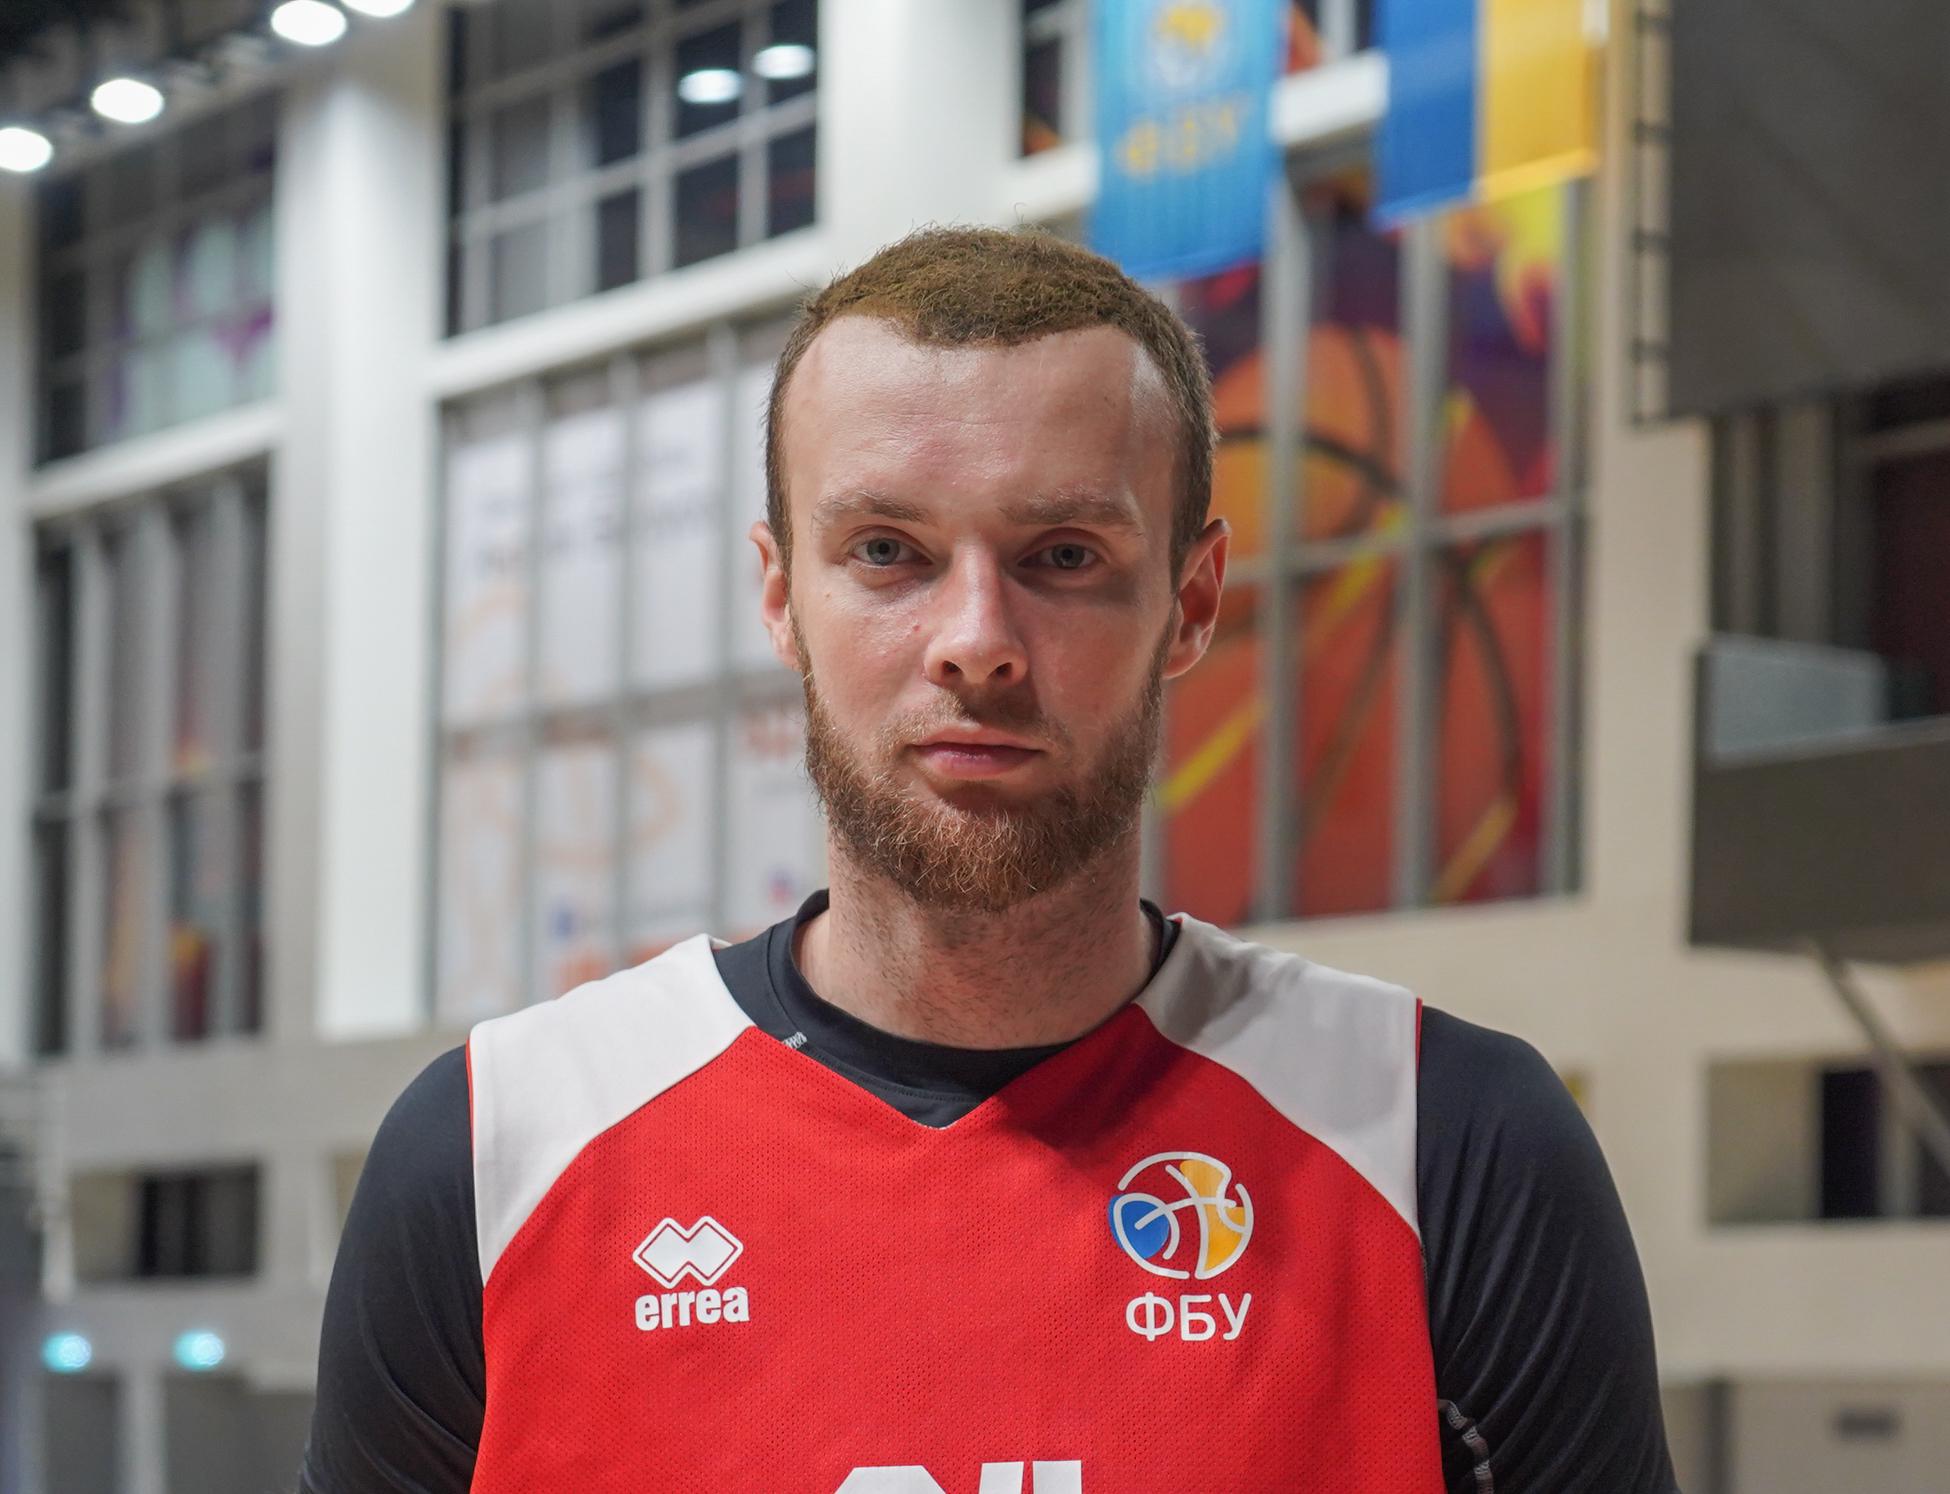 Олександр Беліков: дуже хотілося повернутися у єврокубки, тому довго над пропозицією Прометея не роздумував